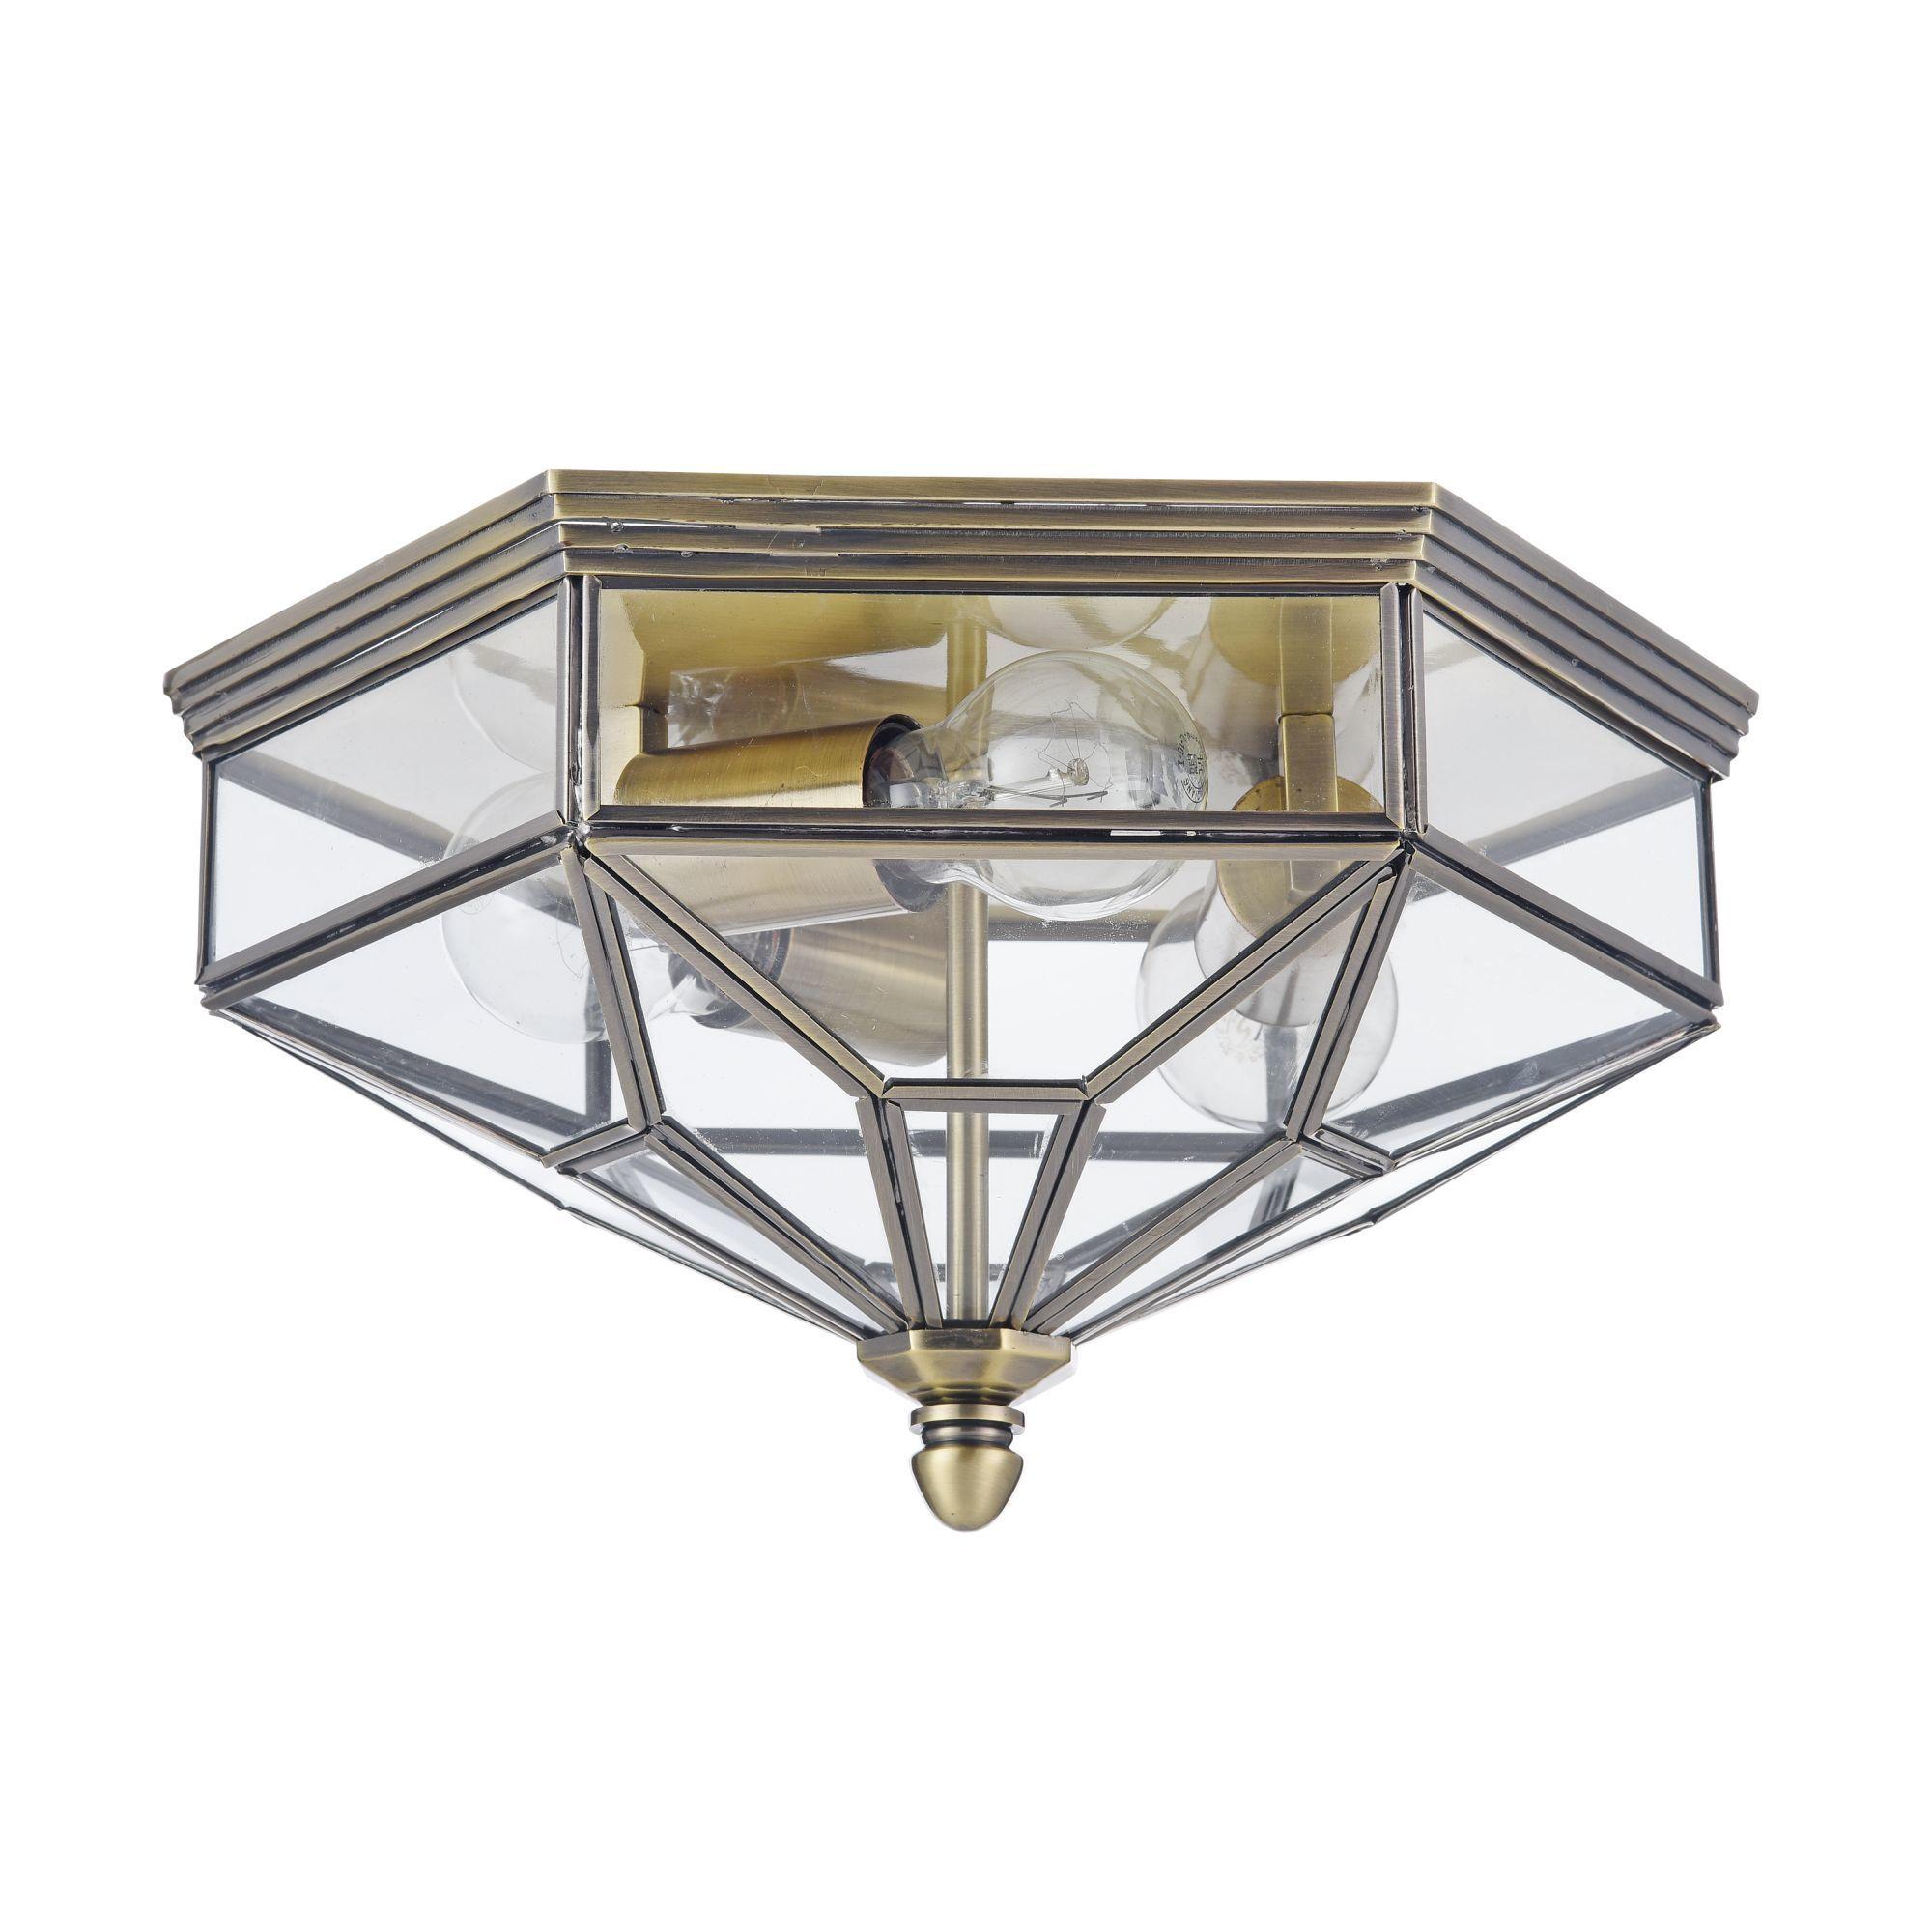 Потолочный светильник Maytoni Classic House Zeil H356-CL-03-BZ, 3xE27x60W, бронза, прозрачный, металл, стекло - фото 3